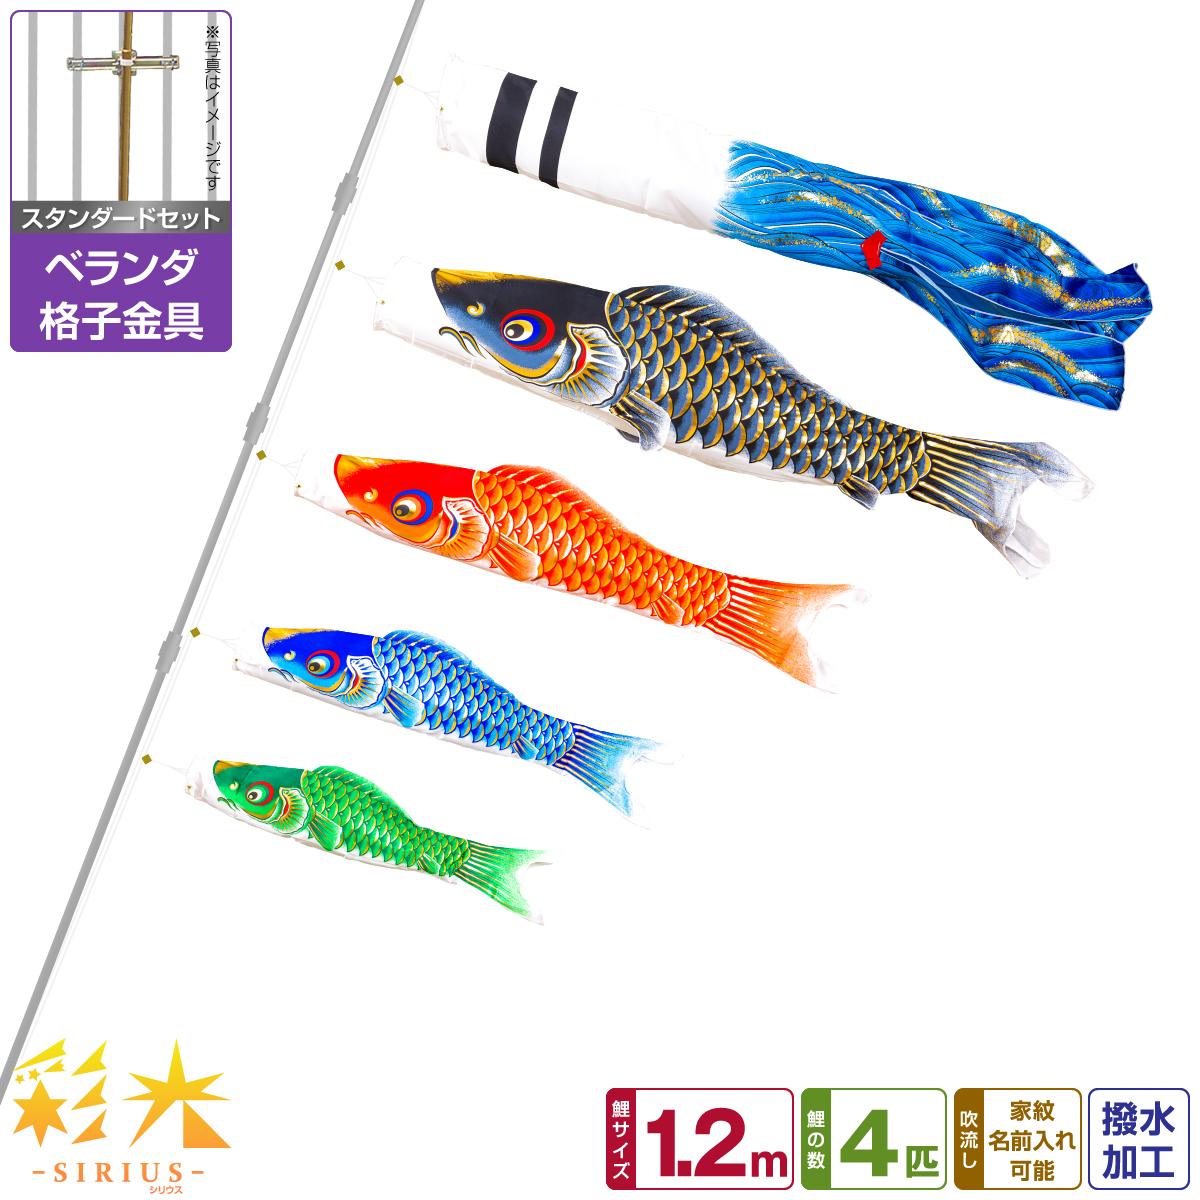 ベランダ用 こいのぼり 鯉のぼり SIRIUS/彩光鯉 1.2m 7点(吹流し+鯉4匹+矢車+ロープ)/スタンダードセット(格子金具)